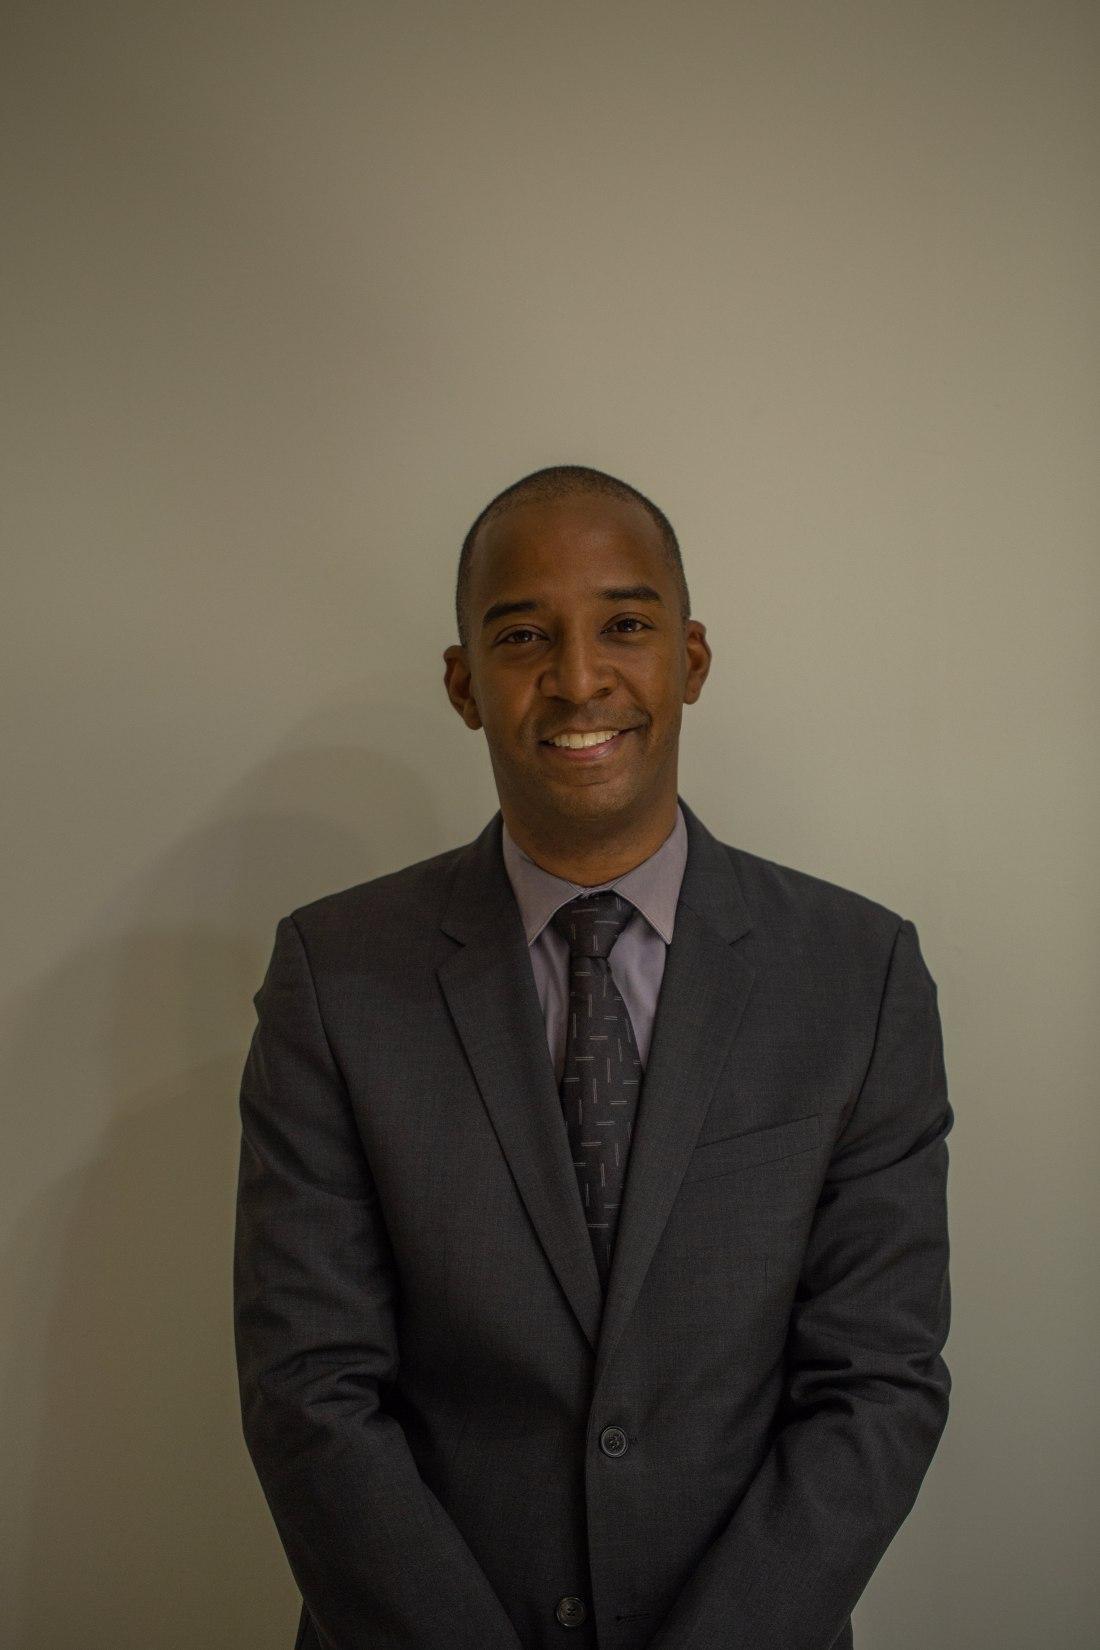 Dwayne Grannum con saco y corbata en negro y camisa azul de frente sonriendo